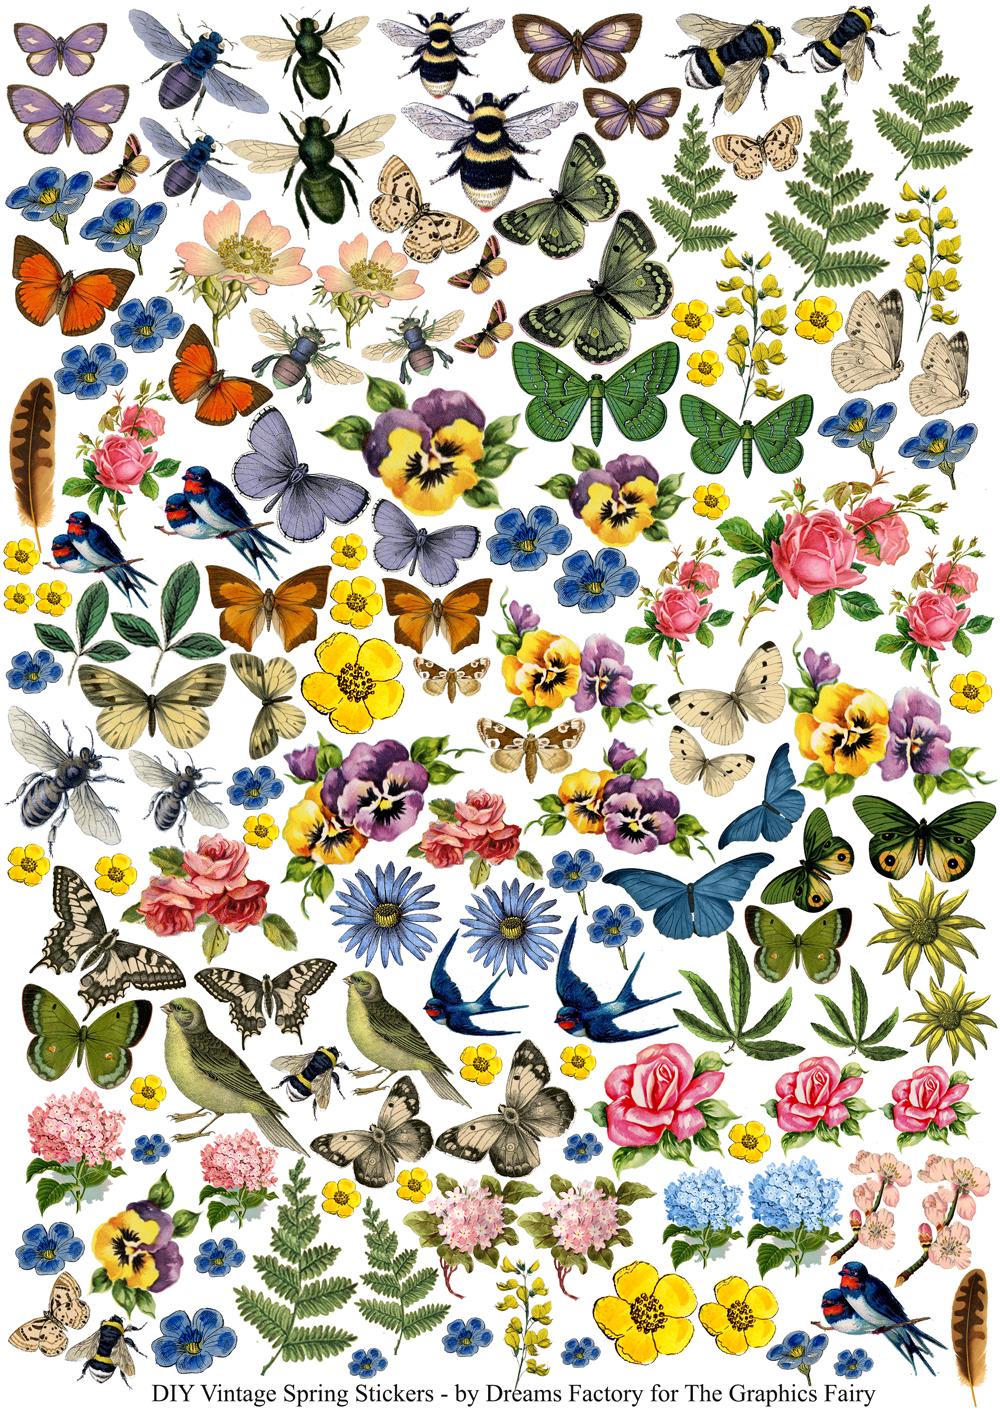 DIY Vintage Spring Stickers & free printable!